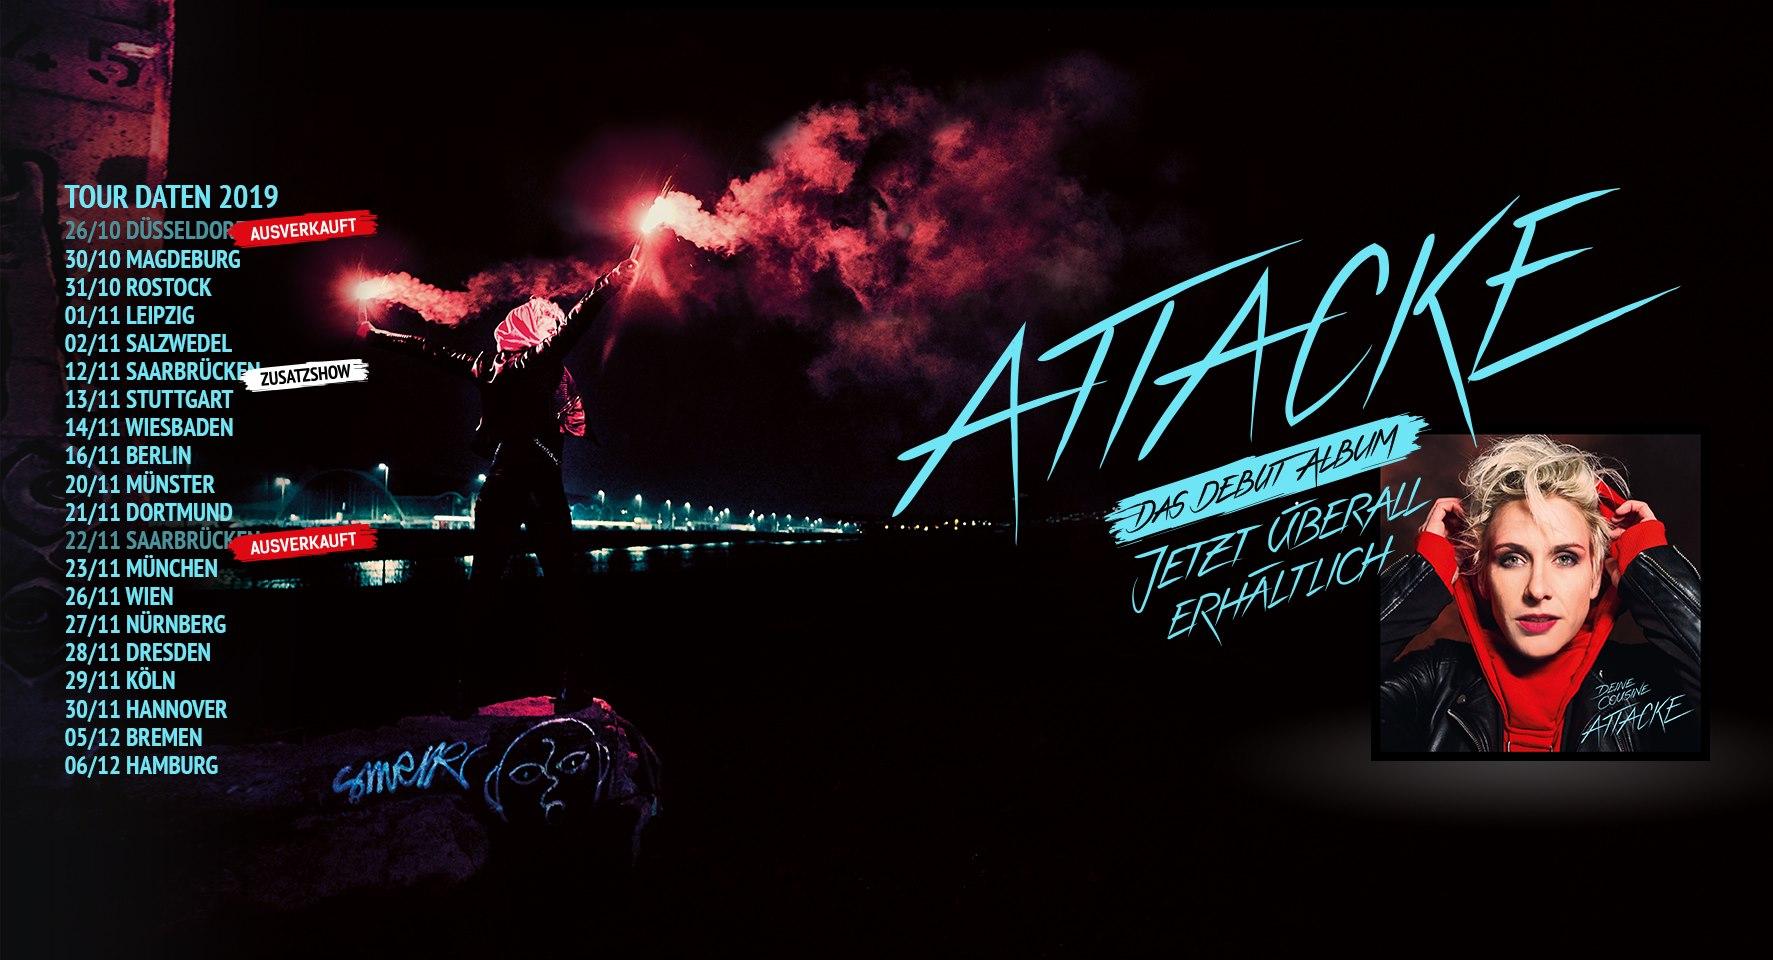 deine-cousine-mit-debut-album-attacke-auf-tour